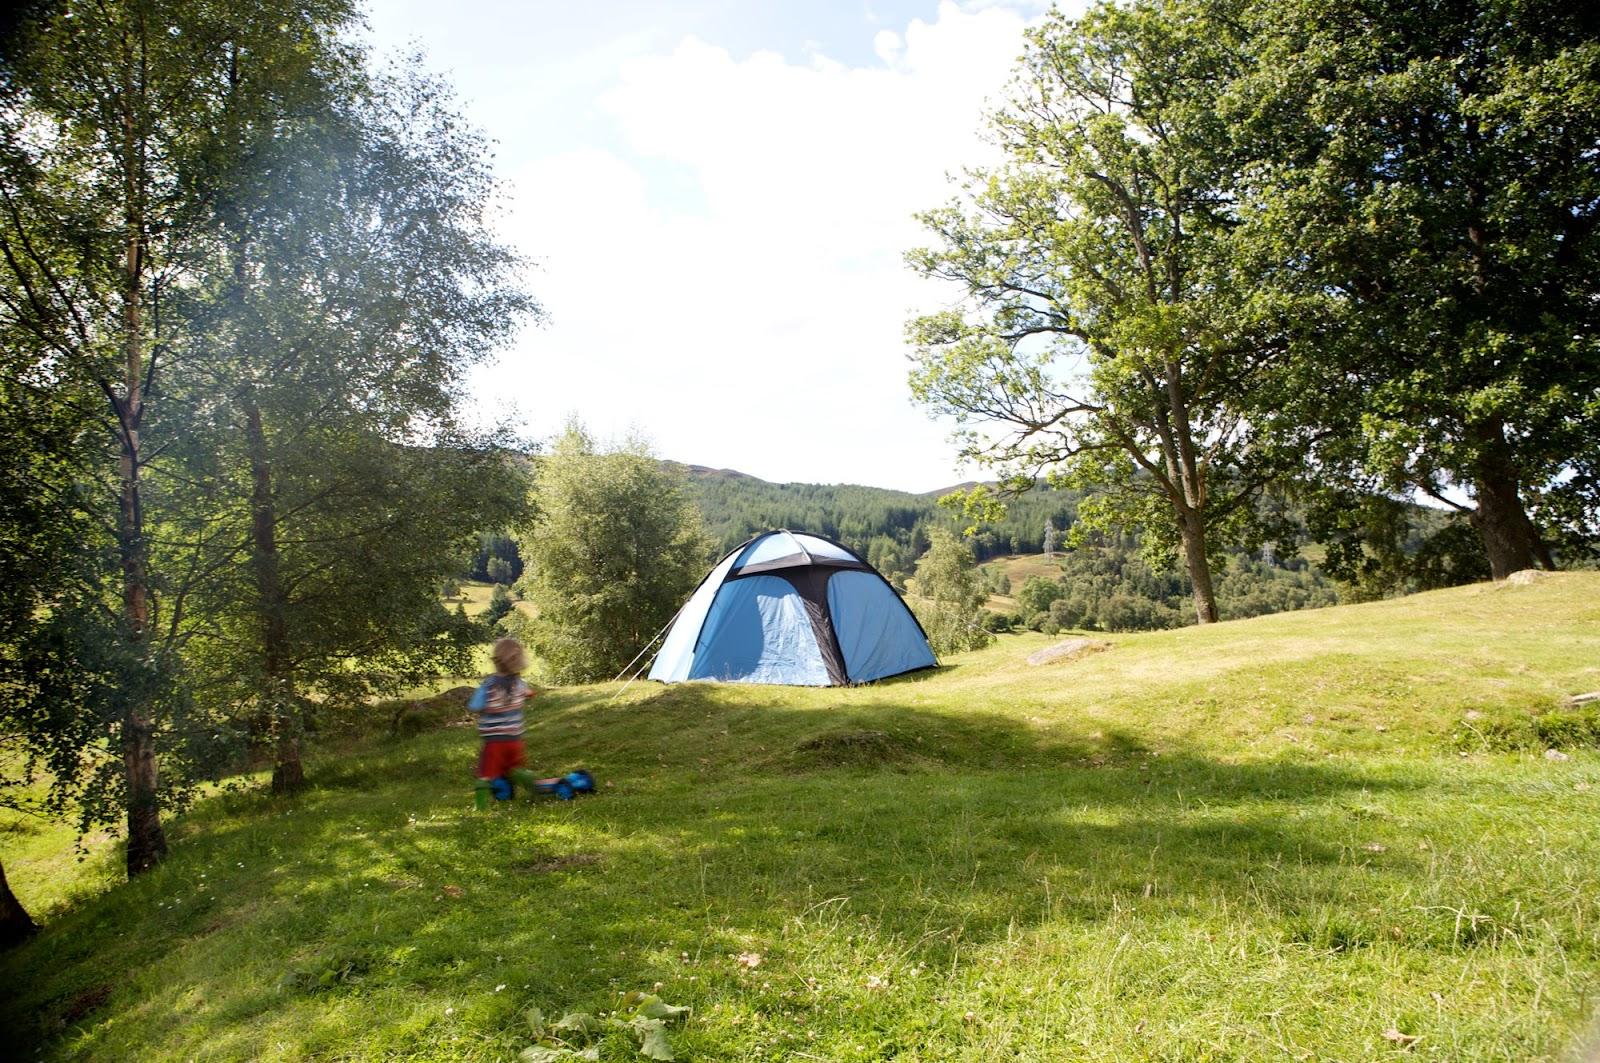 Campersite in Scotland for Campervans